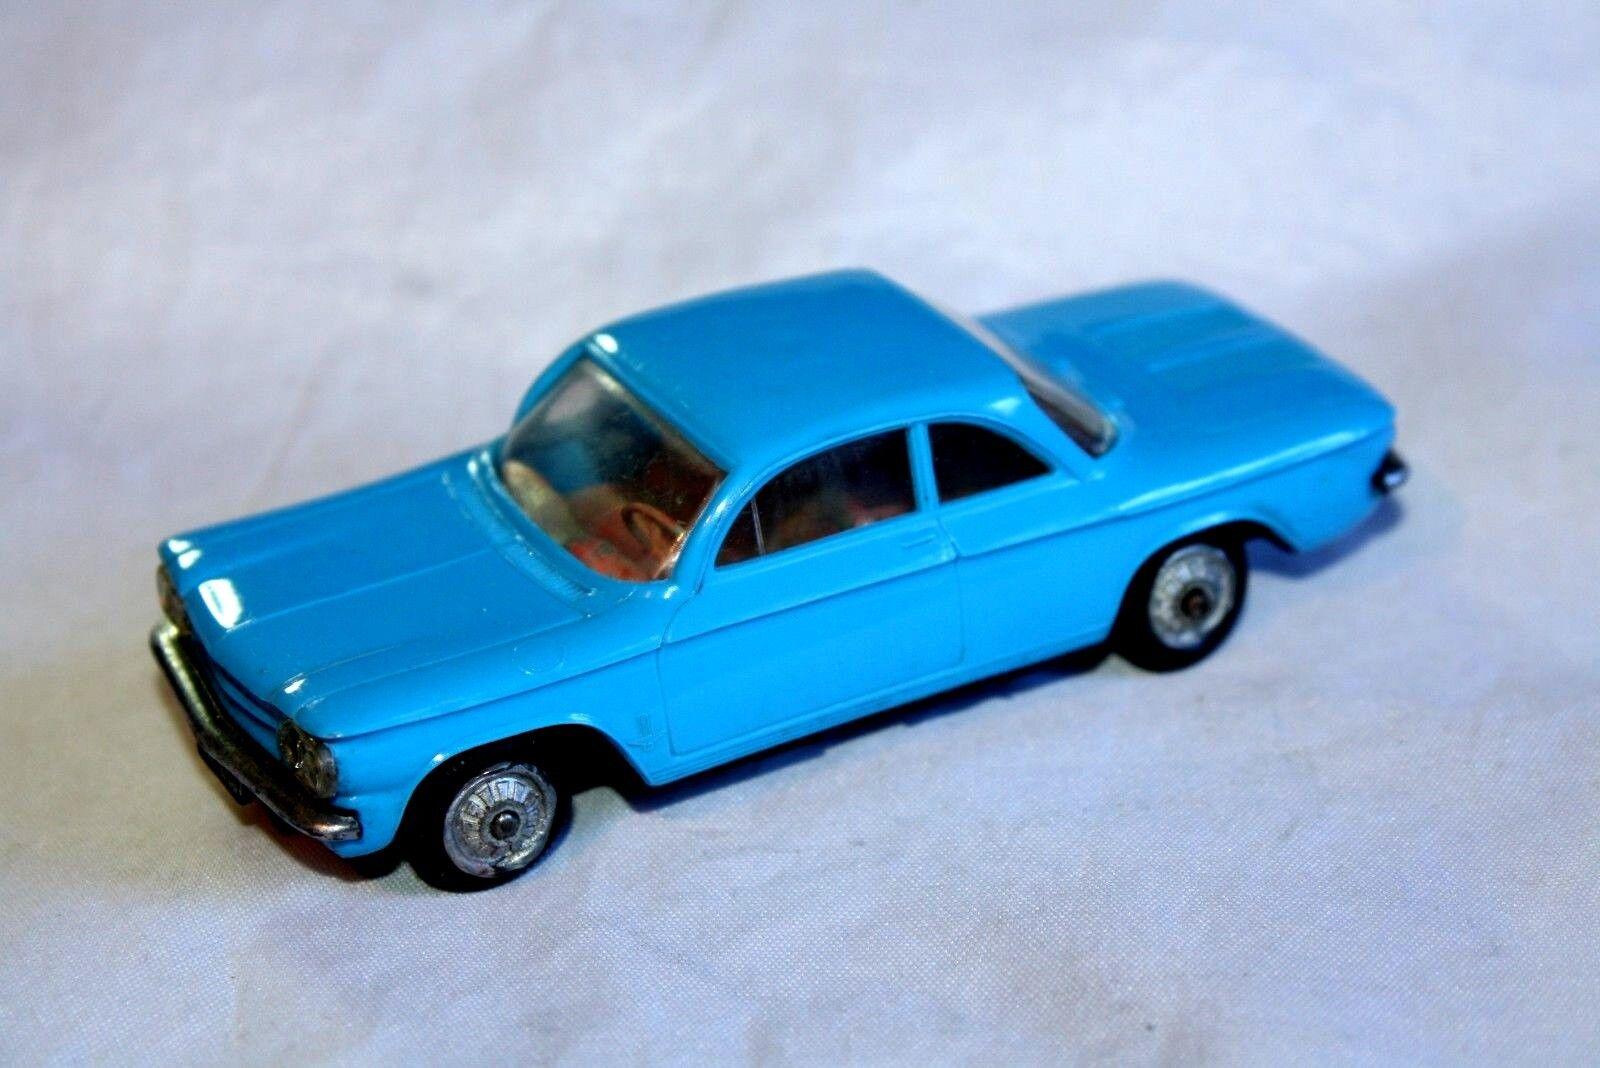 Norev Vintage Chevrolet Corvair Monza  43, Very Good Original Condition